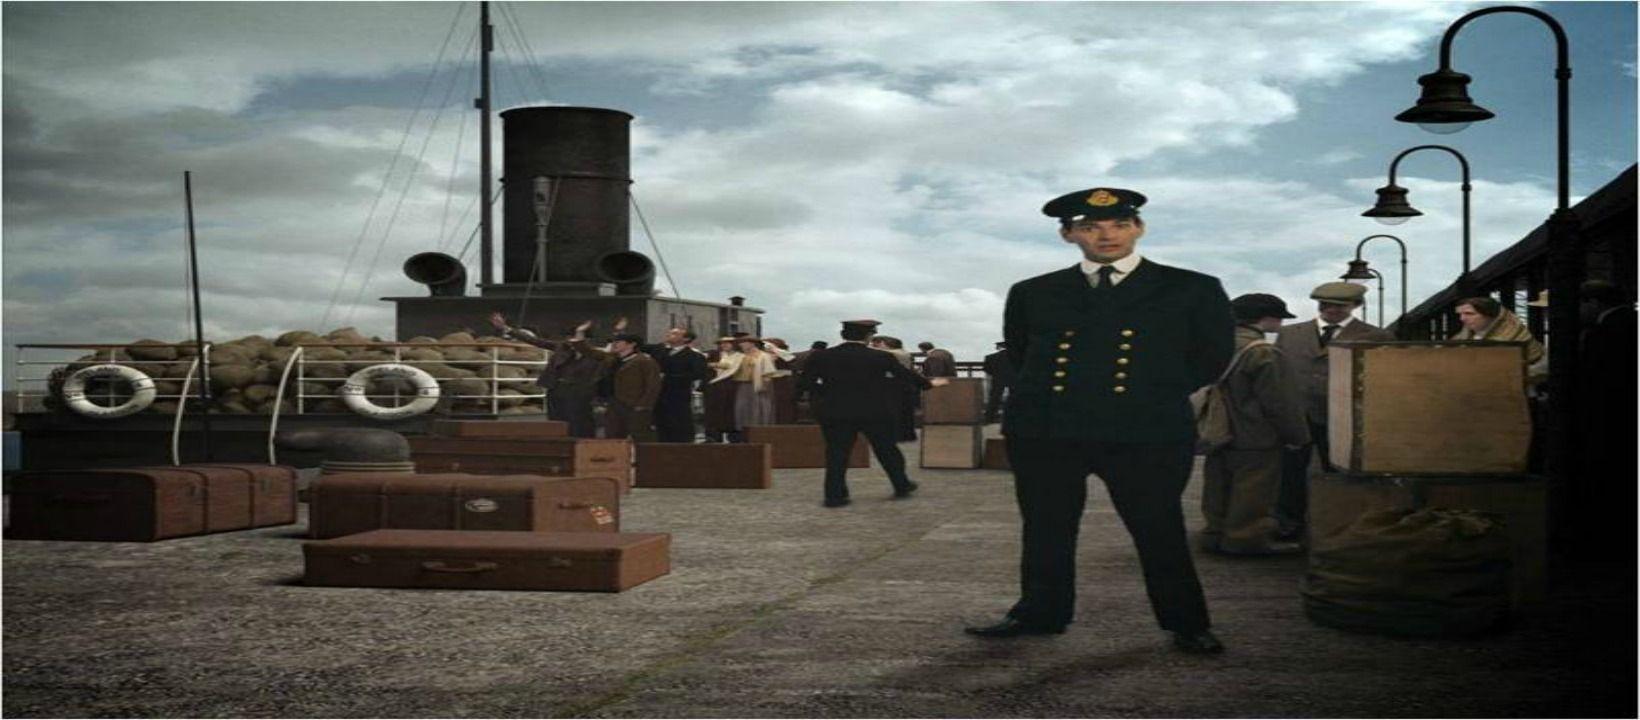 The Titanic Experience Cobh | Titanic Centre Cobh